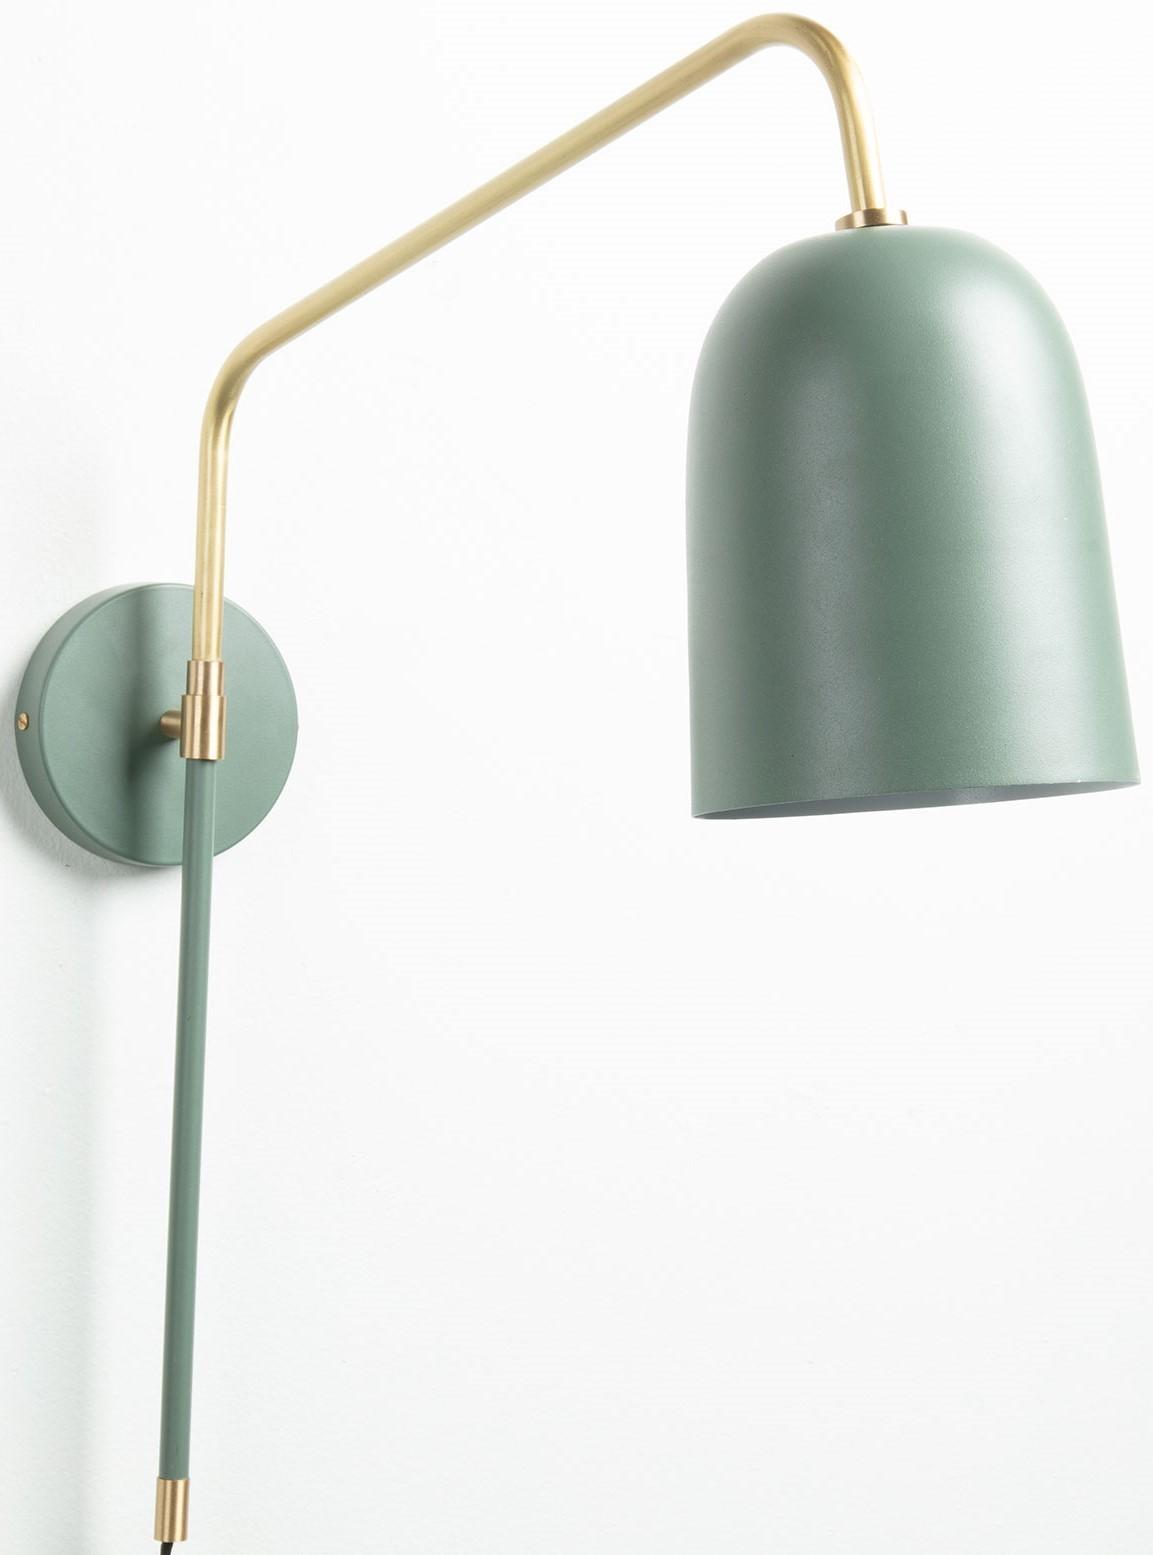 Lampade Da Parete Con Braccio nolan lampada applique in metallo con braccio girevole